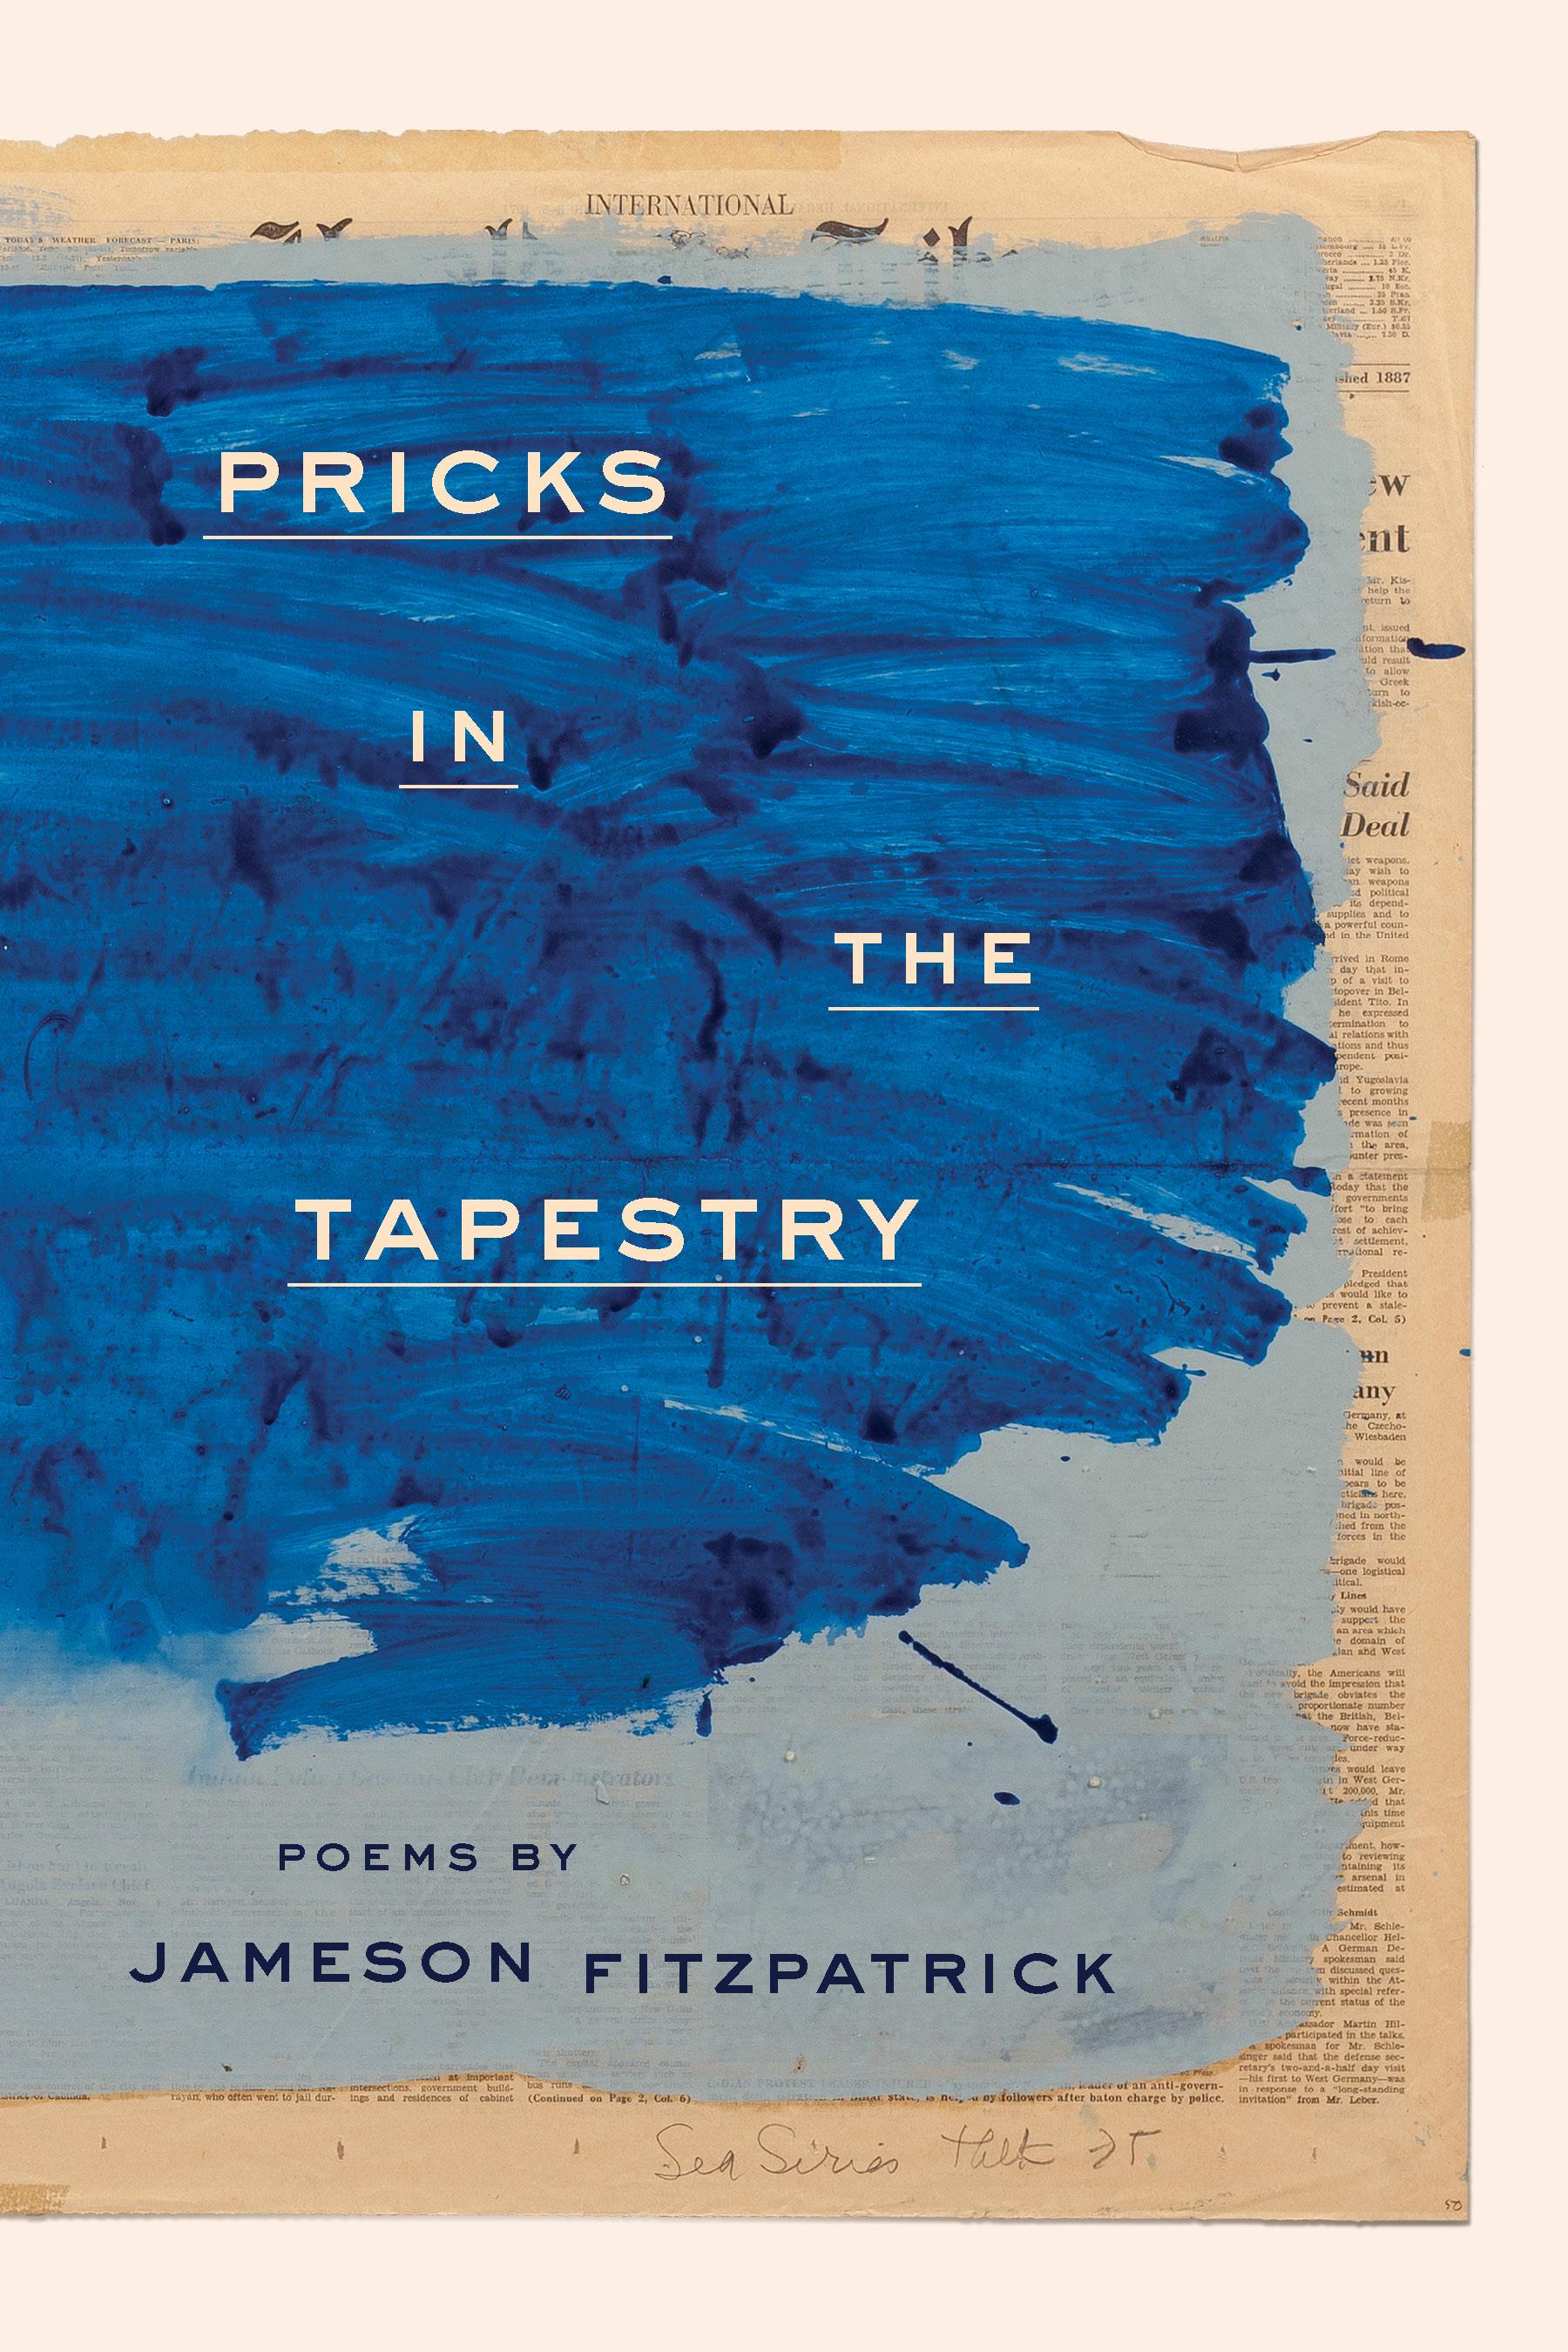 Pricks in the Tapestry